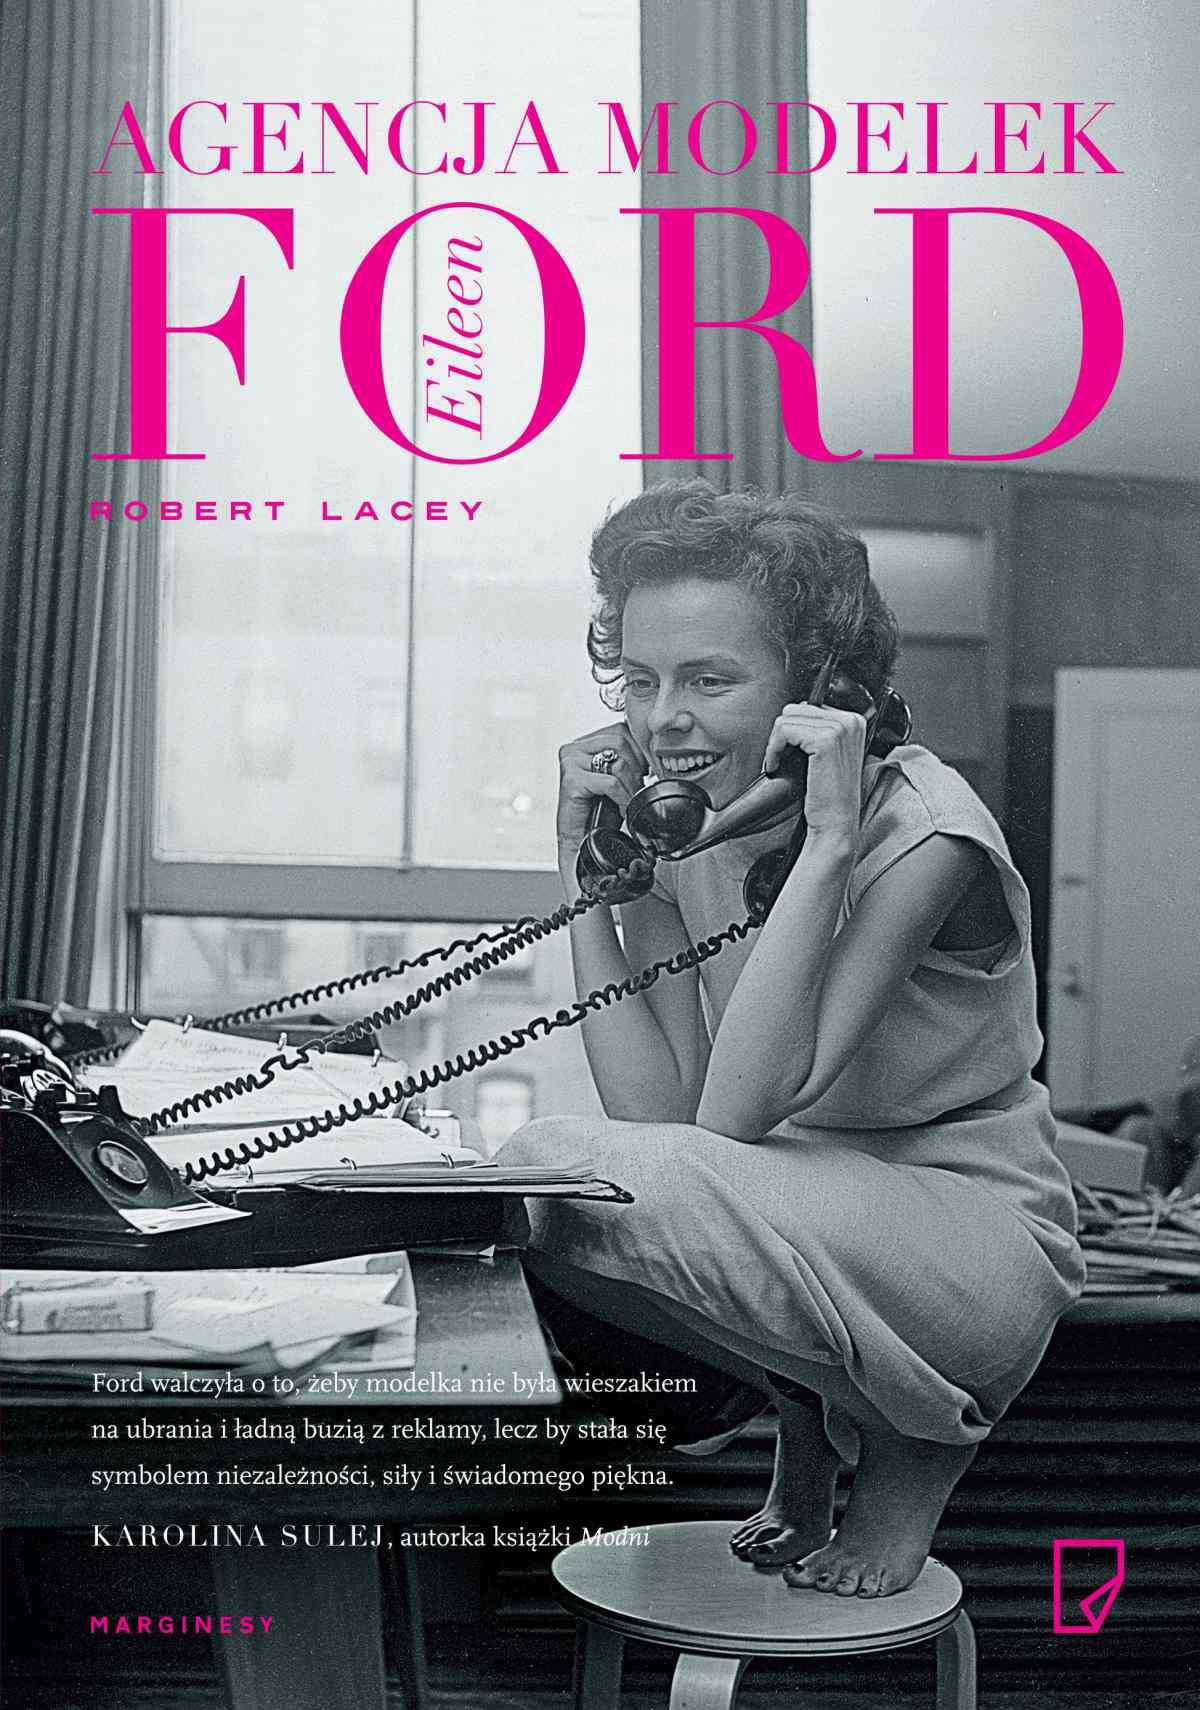 Agencja modelek Eileen Ford - Ebook (Książka EPUB) do pobrania w formacie EPUB